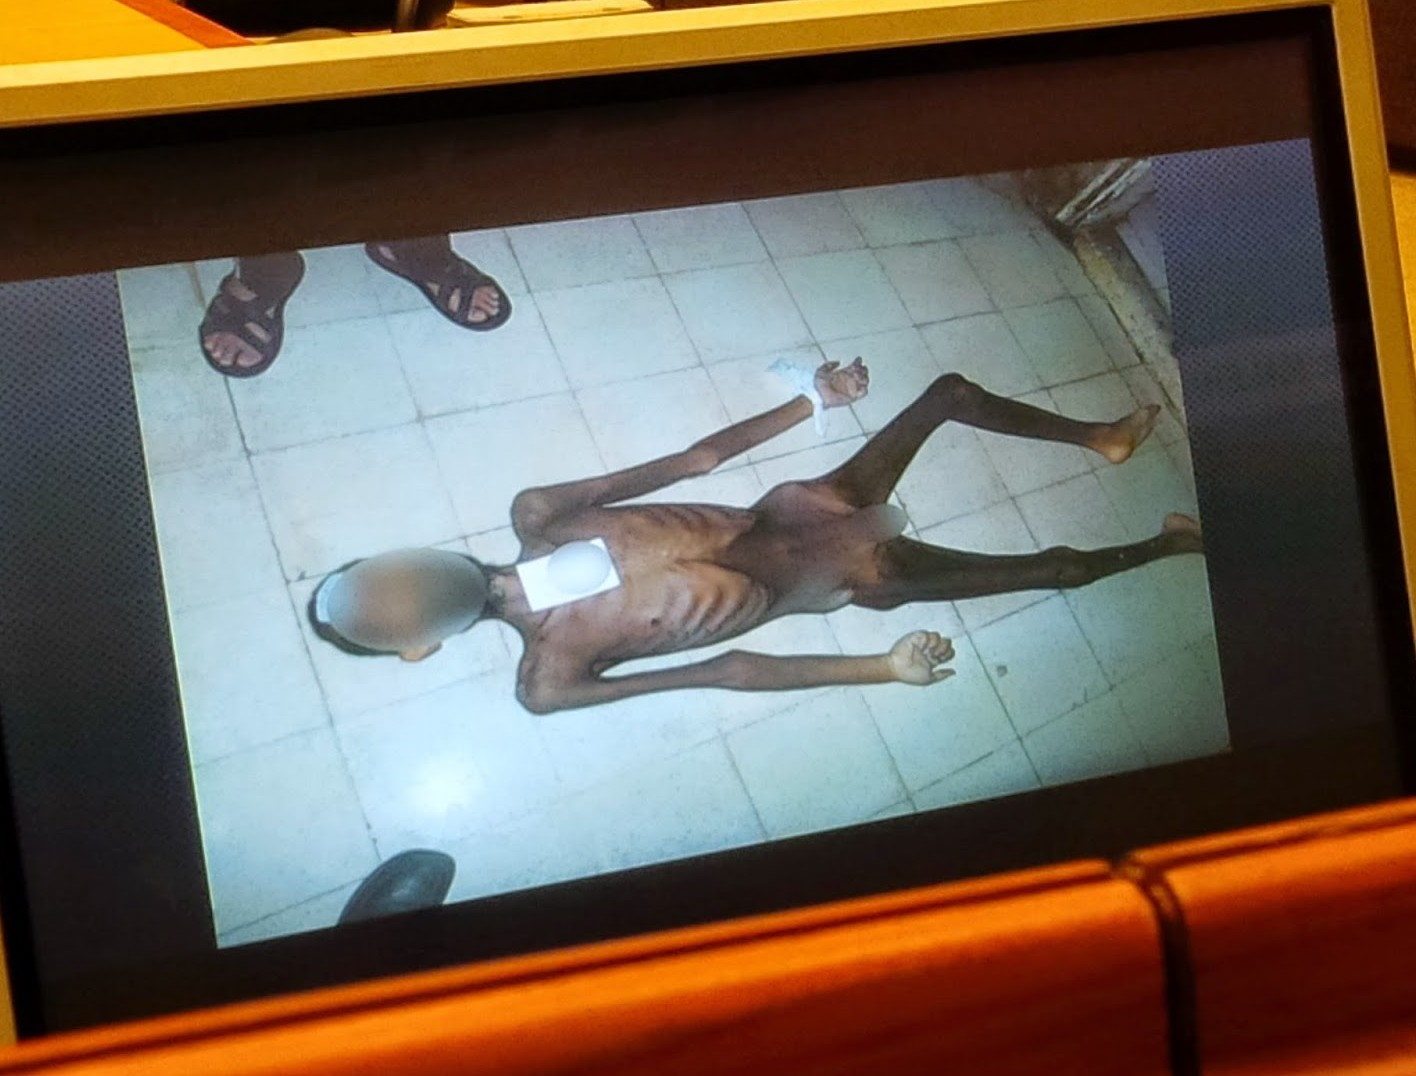 Siria: immagini scioccanti provano l'utilizzo di armi chimiche come in una linea di produzione